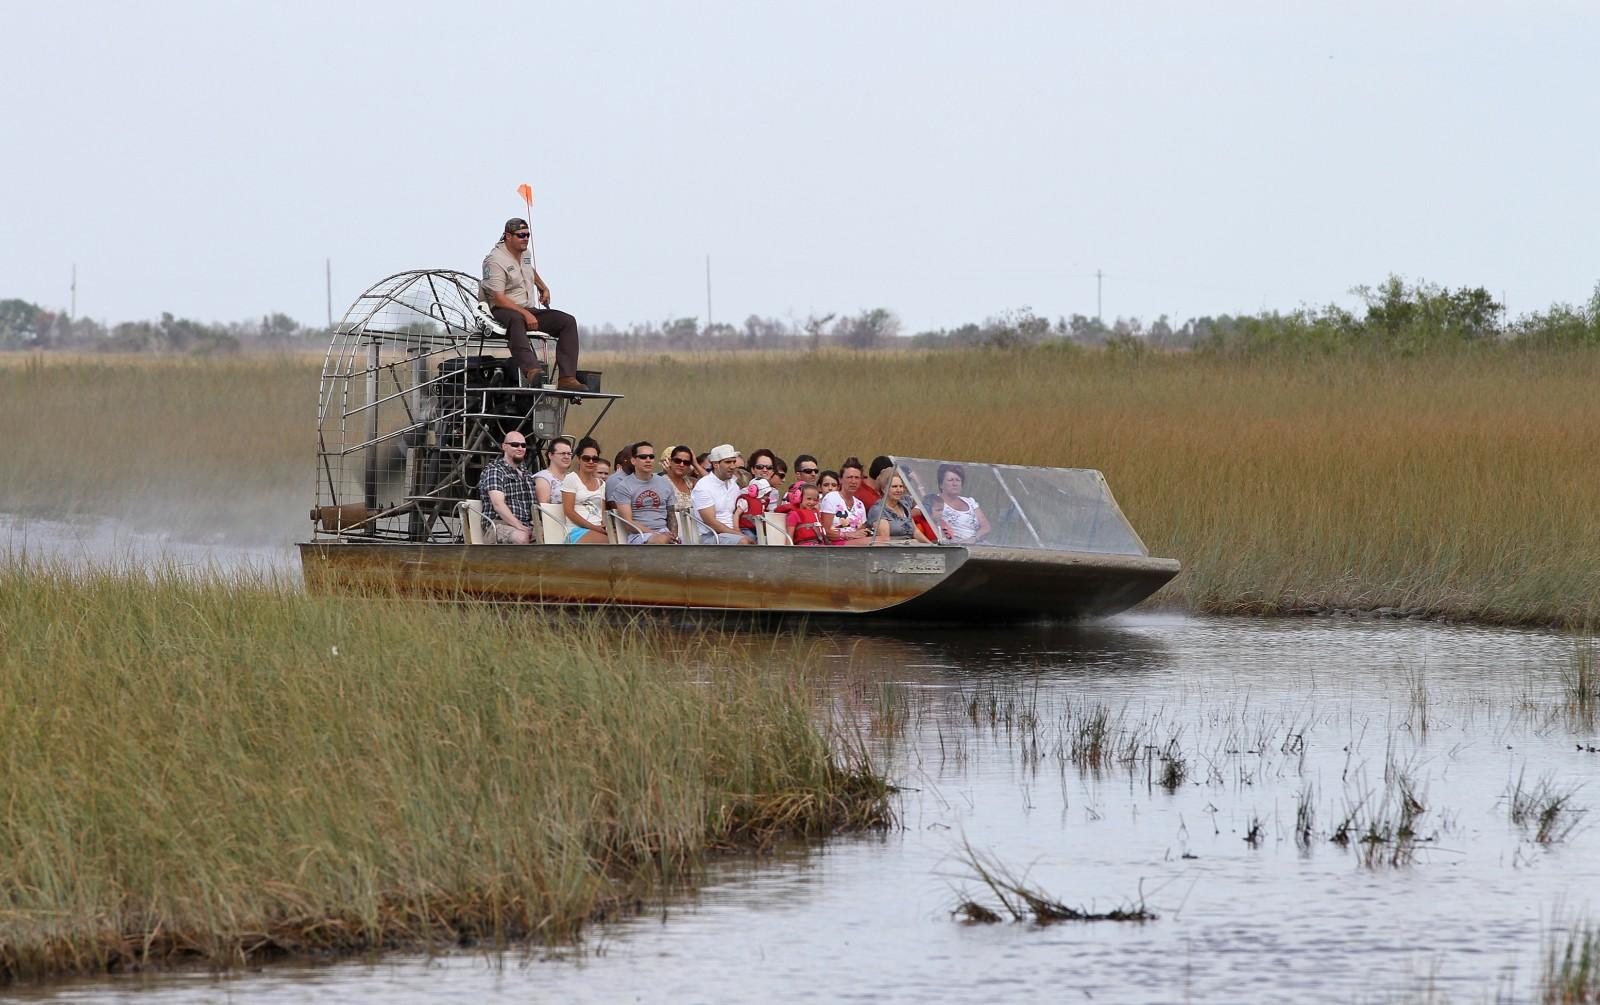 Okeechobee Swamp Tours